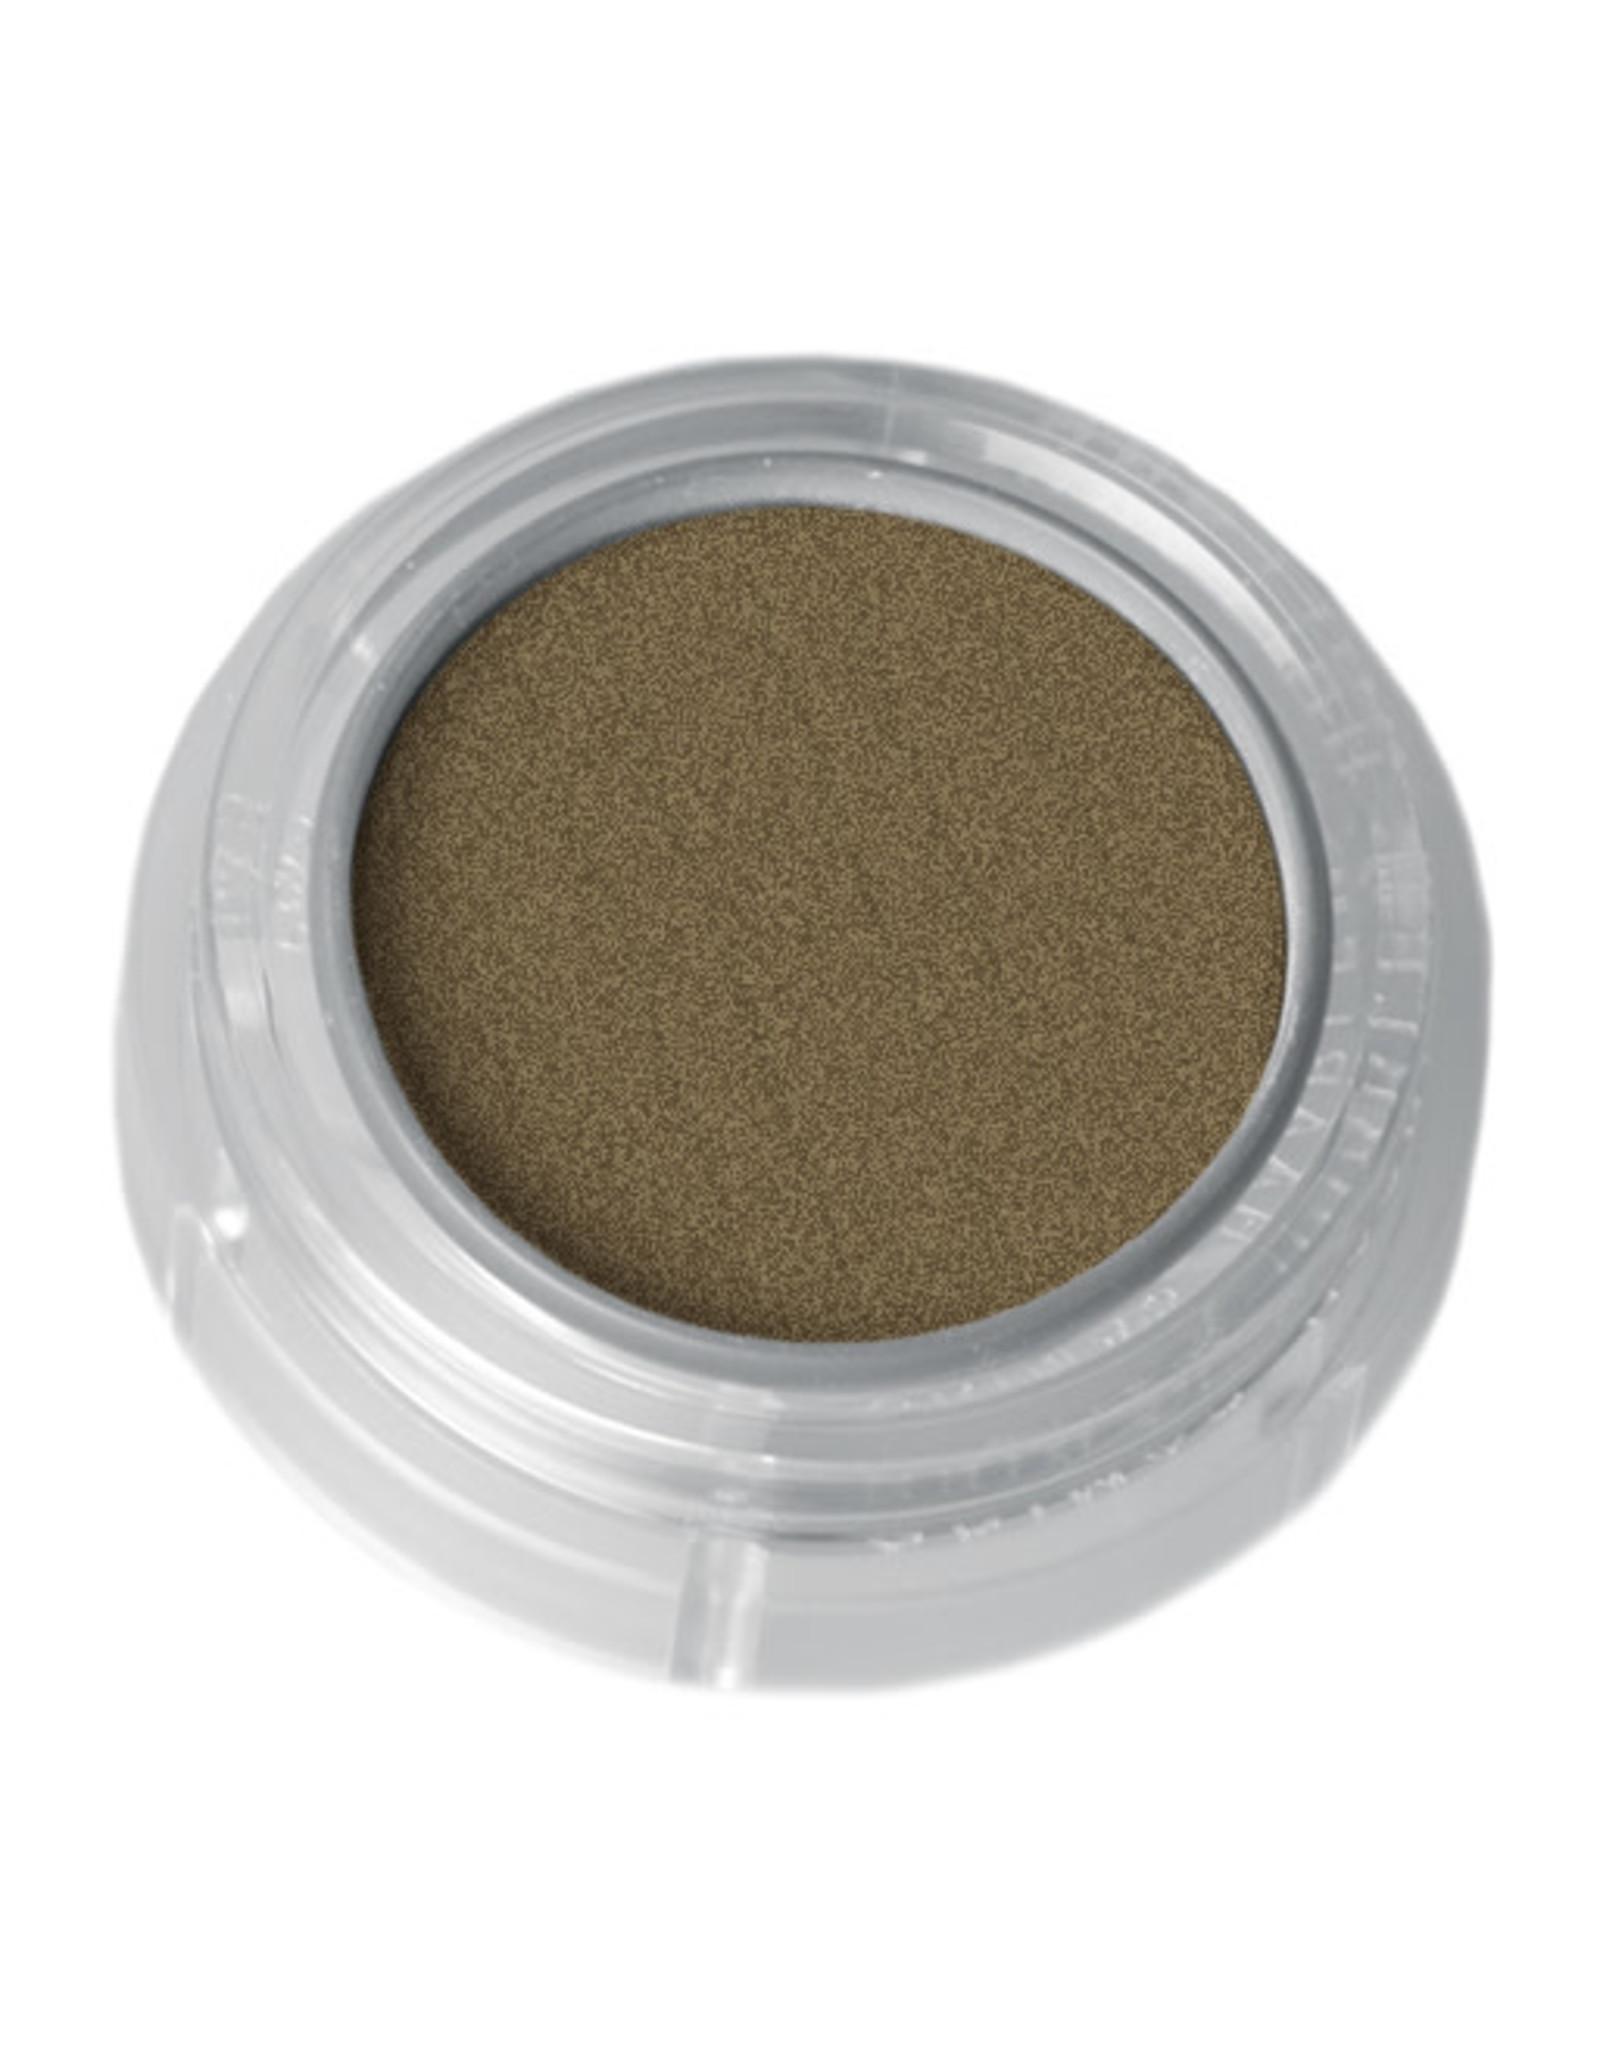 Grimas EYESHADOW/ROUGE PEARL 744 Pearl Groengoud A1 (2,5 g)